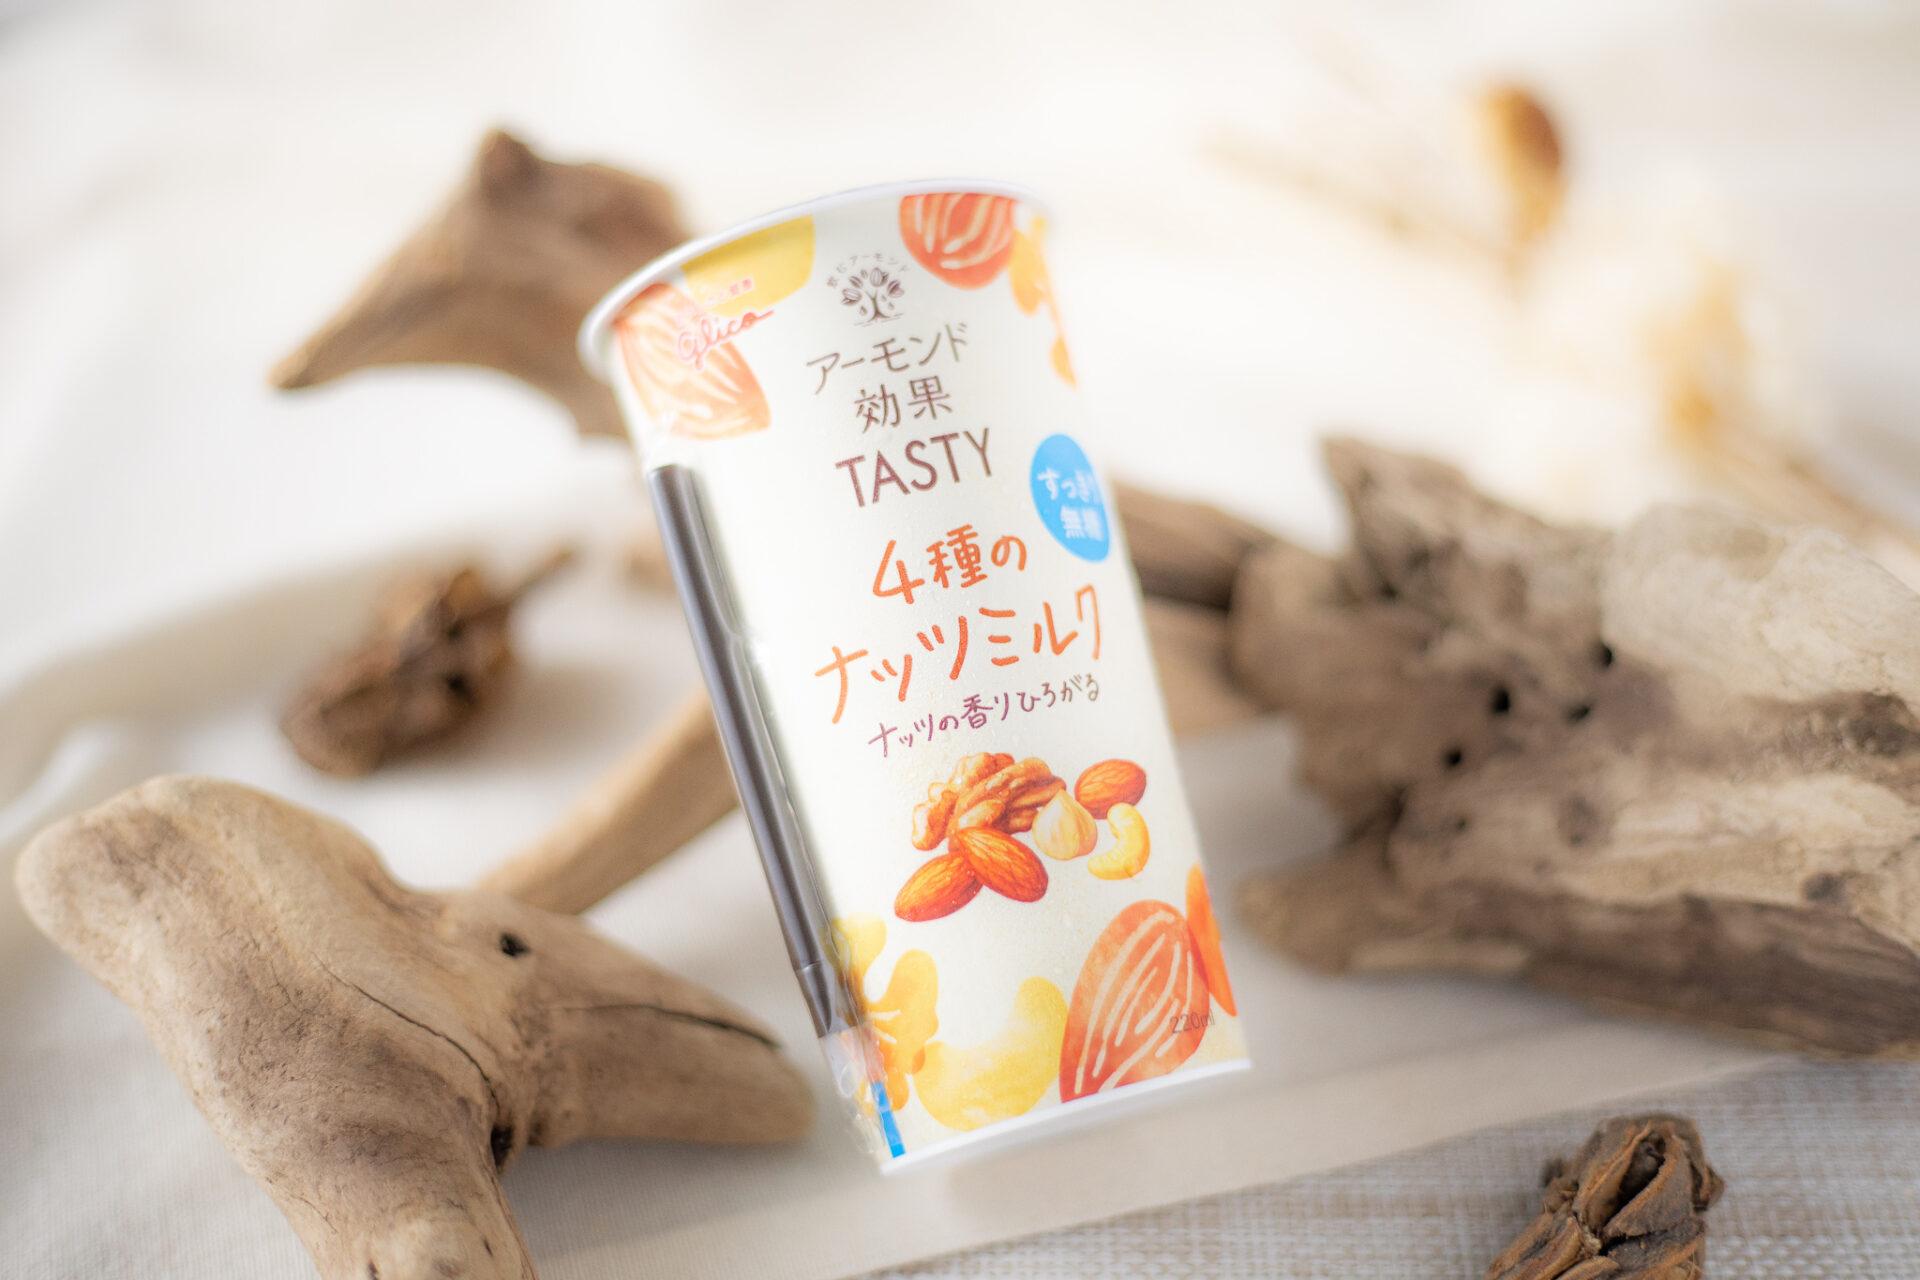 グリコ『アーモンド効果TASTY 4種のナッツミルク 220ml』